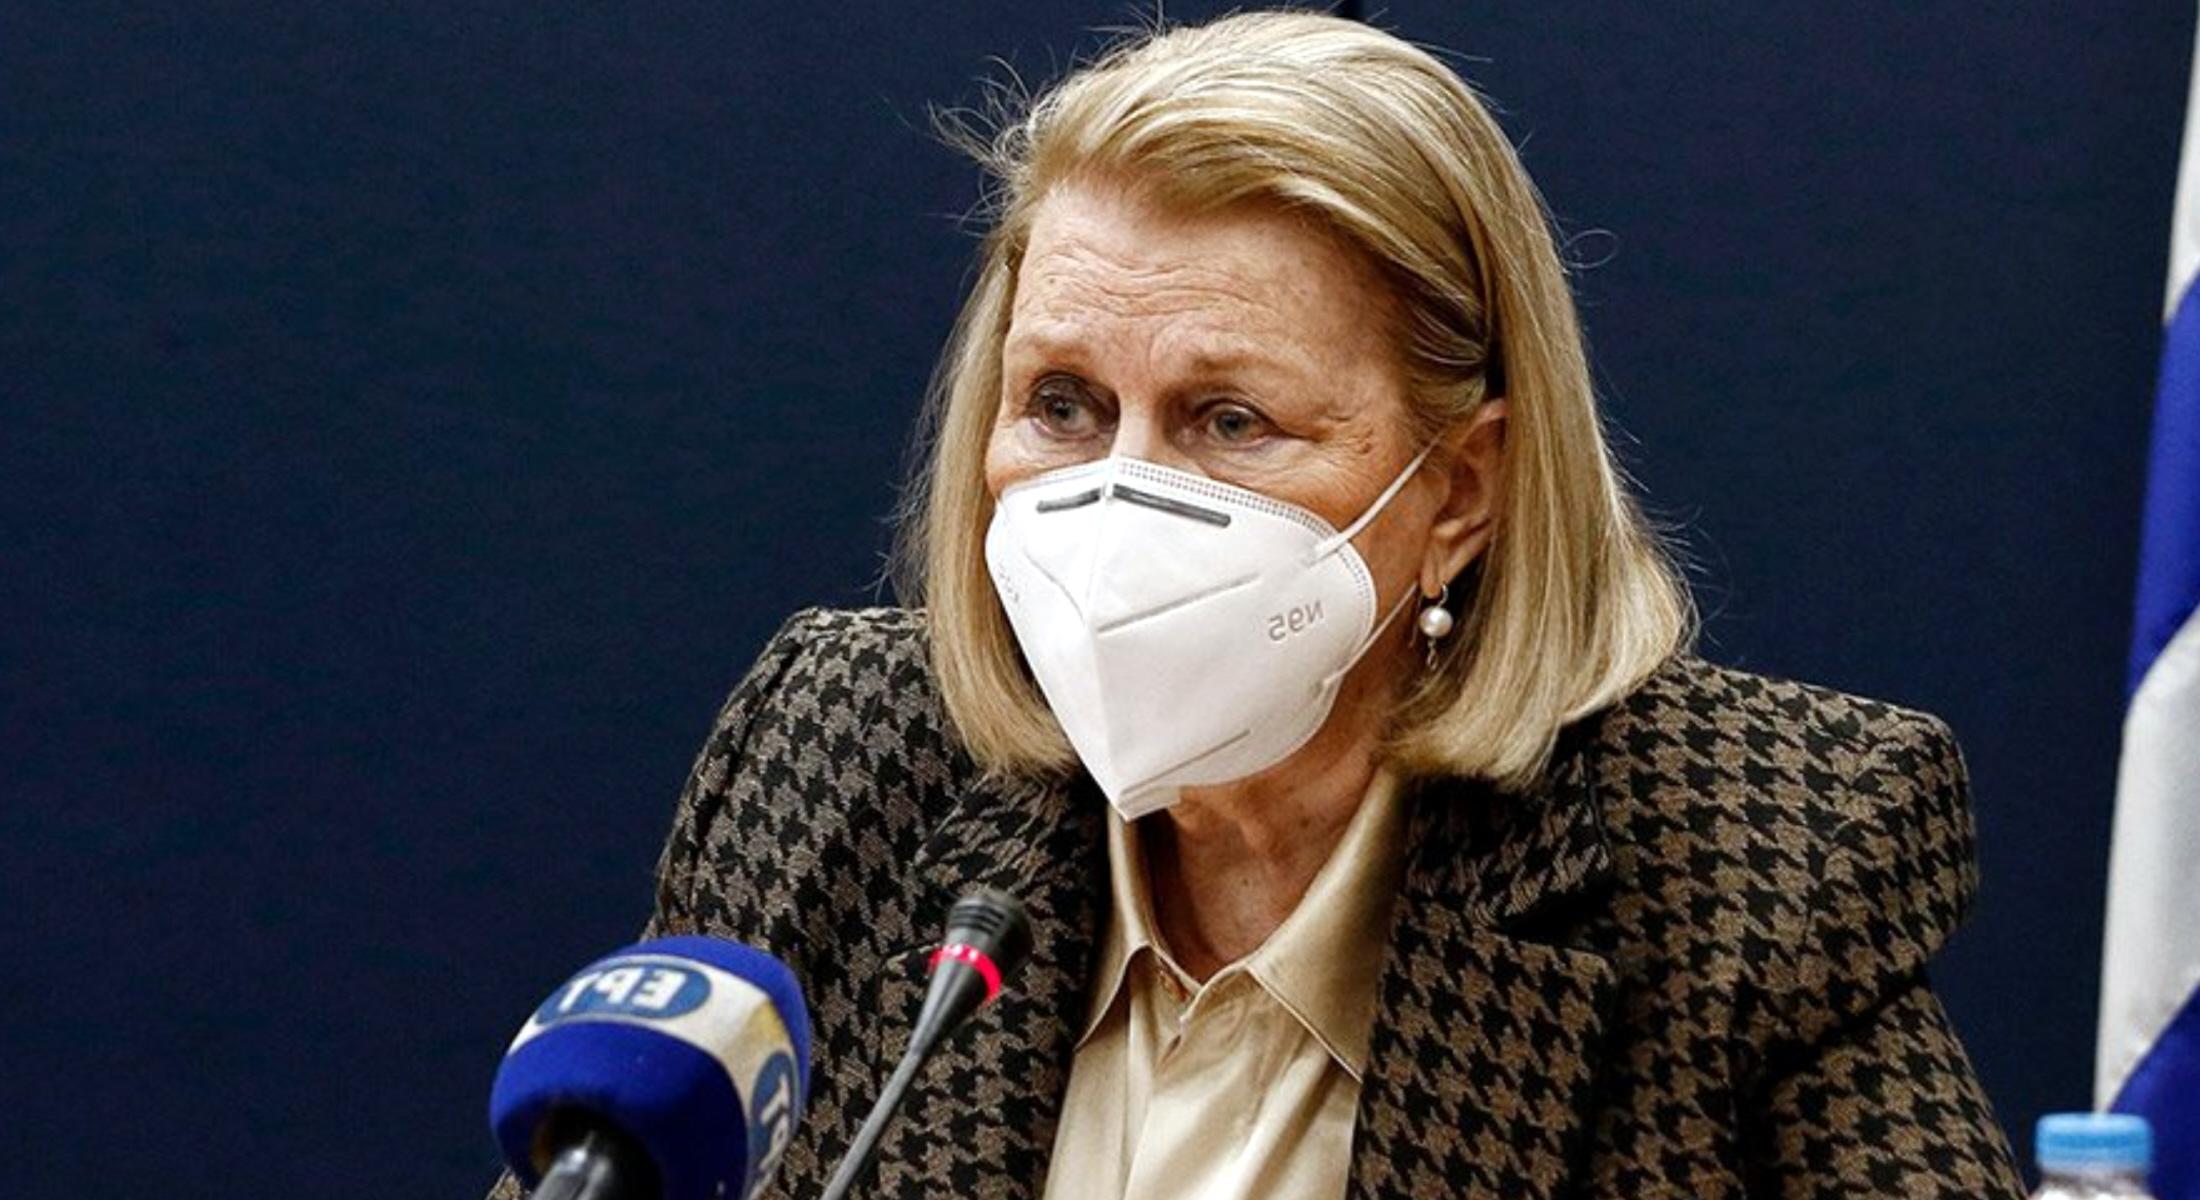 Μαρία Θεοδωρίδου Επιτροπή Εμβολιασμών: Ανάγκη για παγκόσμια συμβολική χειραψία [vid]